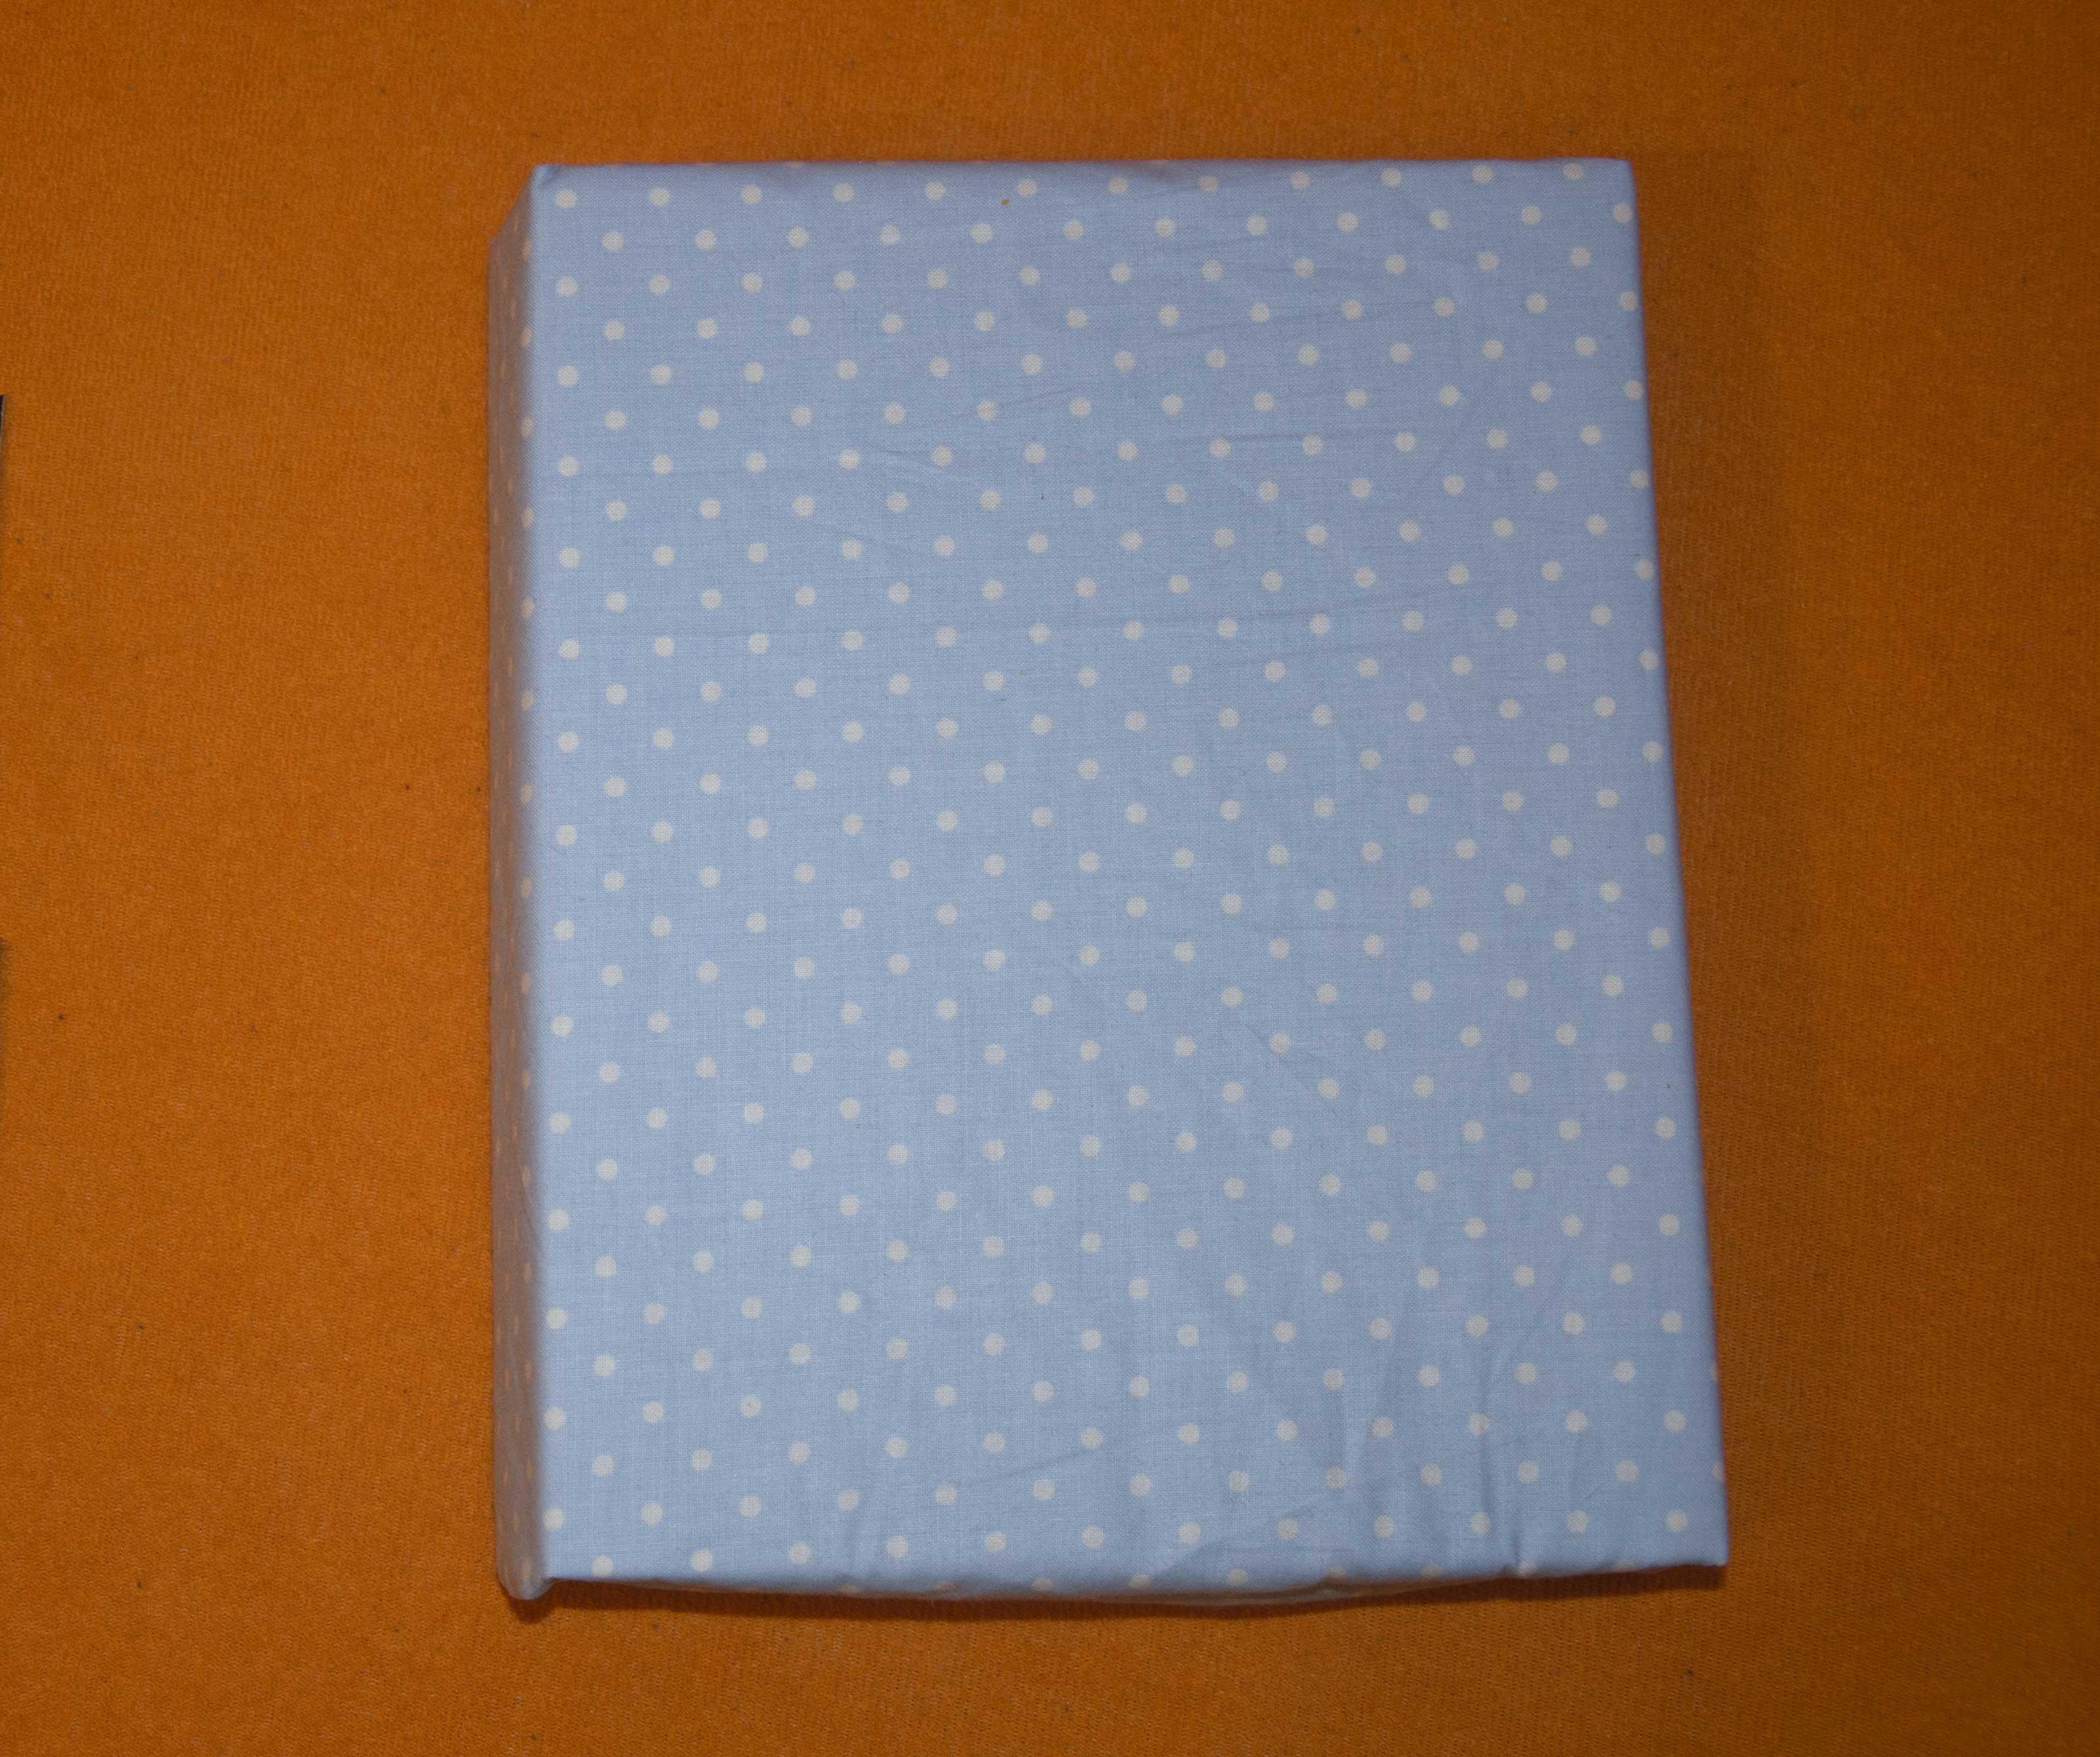 Bavln�n� prost�radlo 120x60 cm modr� s b�l�mi v�t��mi punt�ky - zv��i� obr�zok